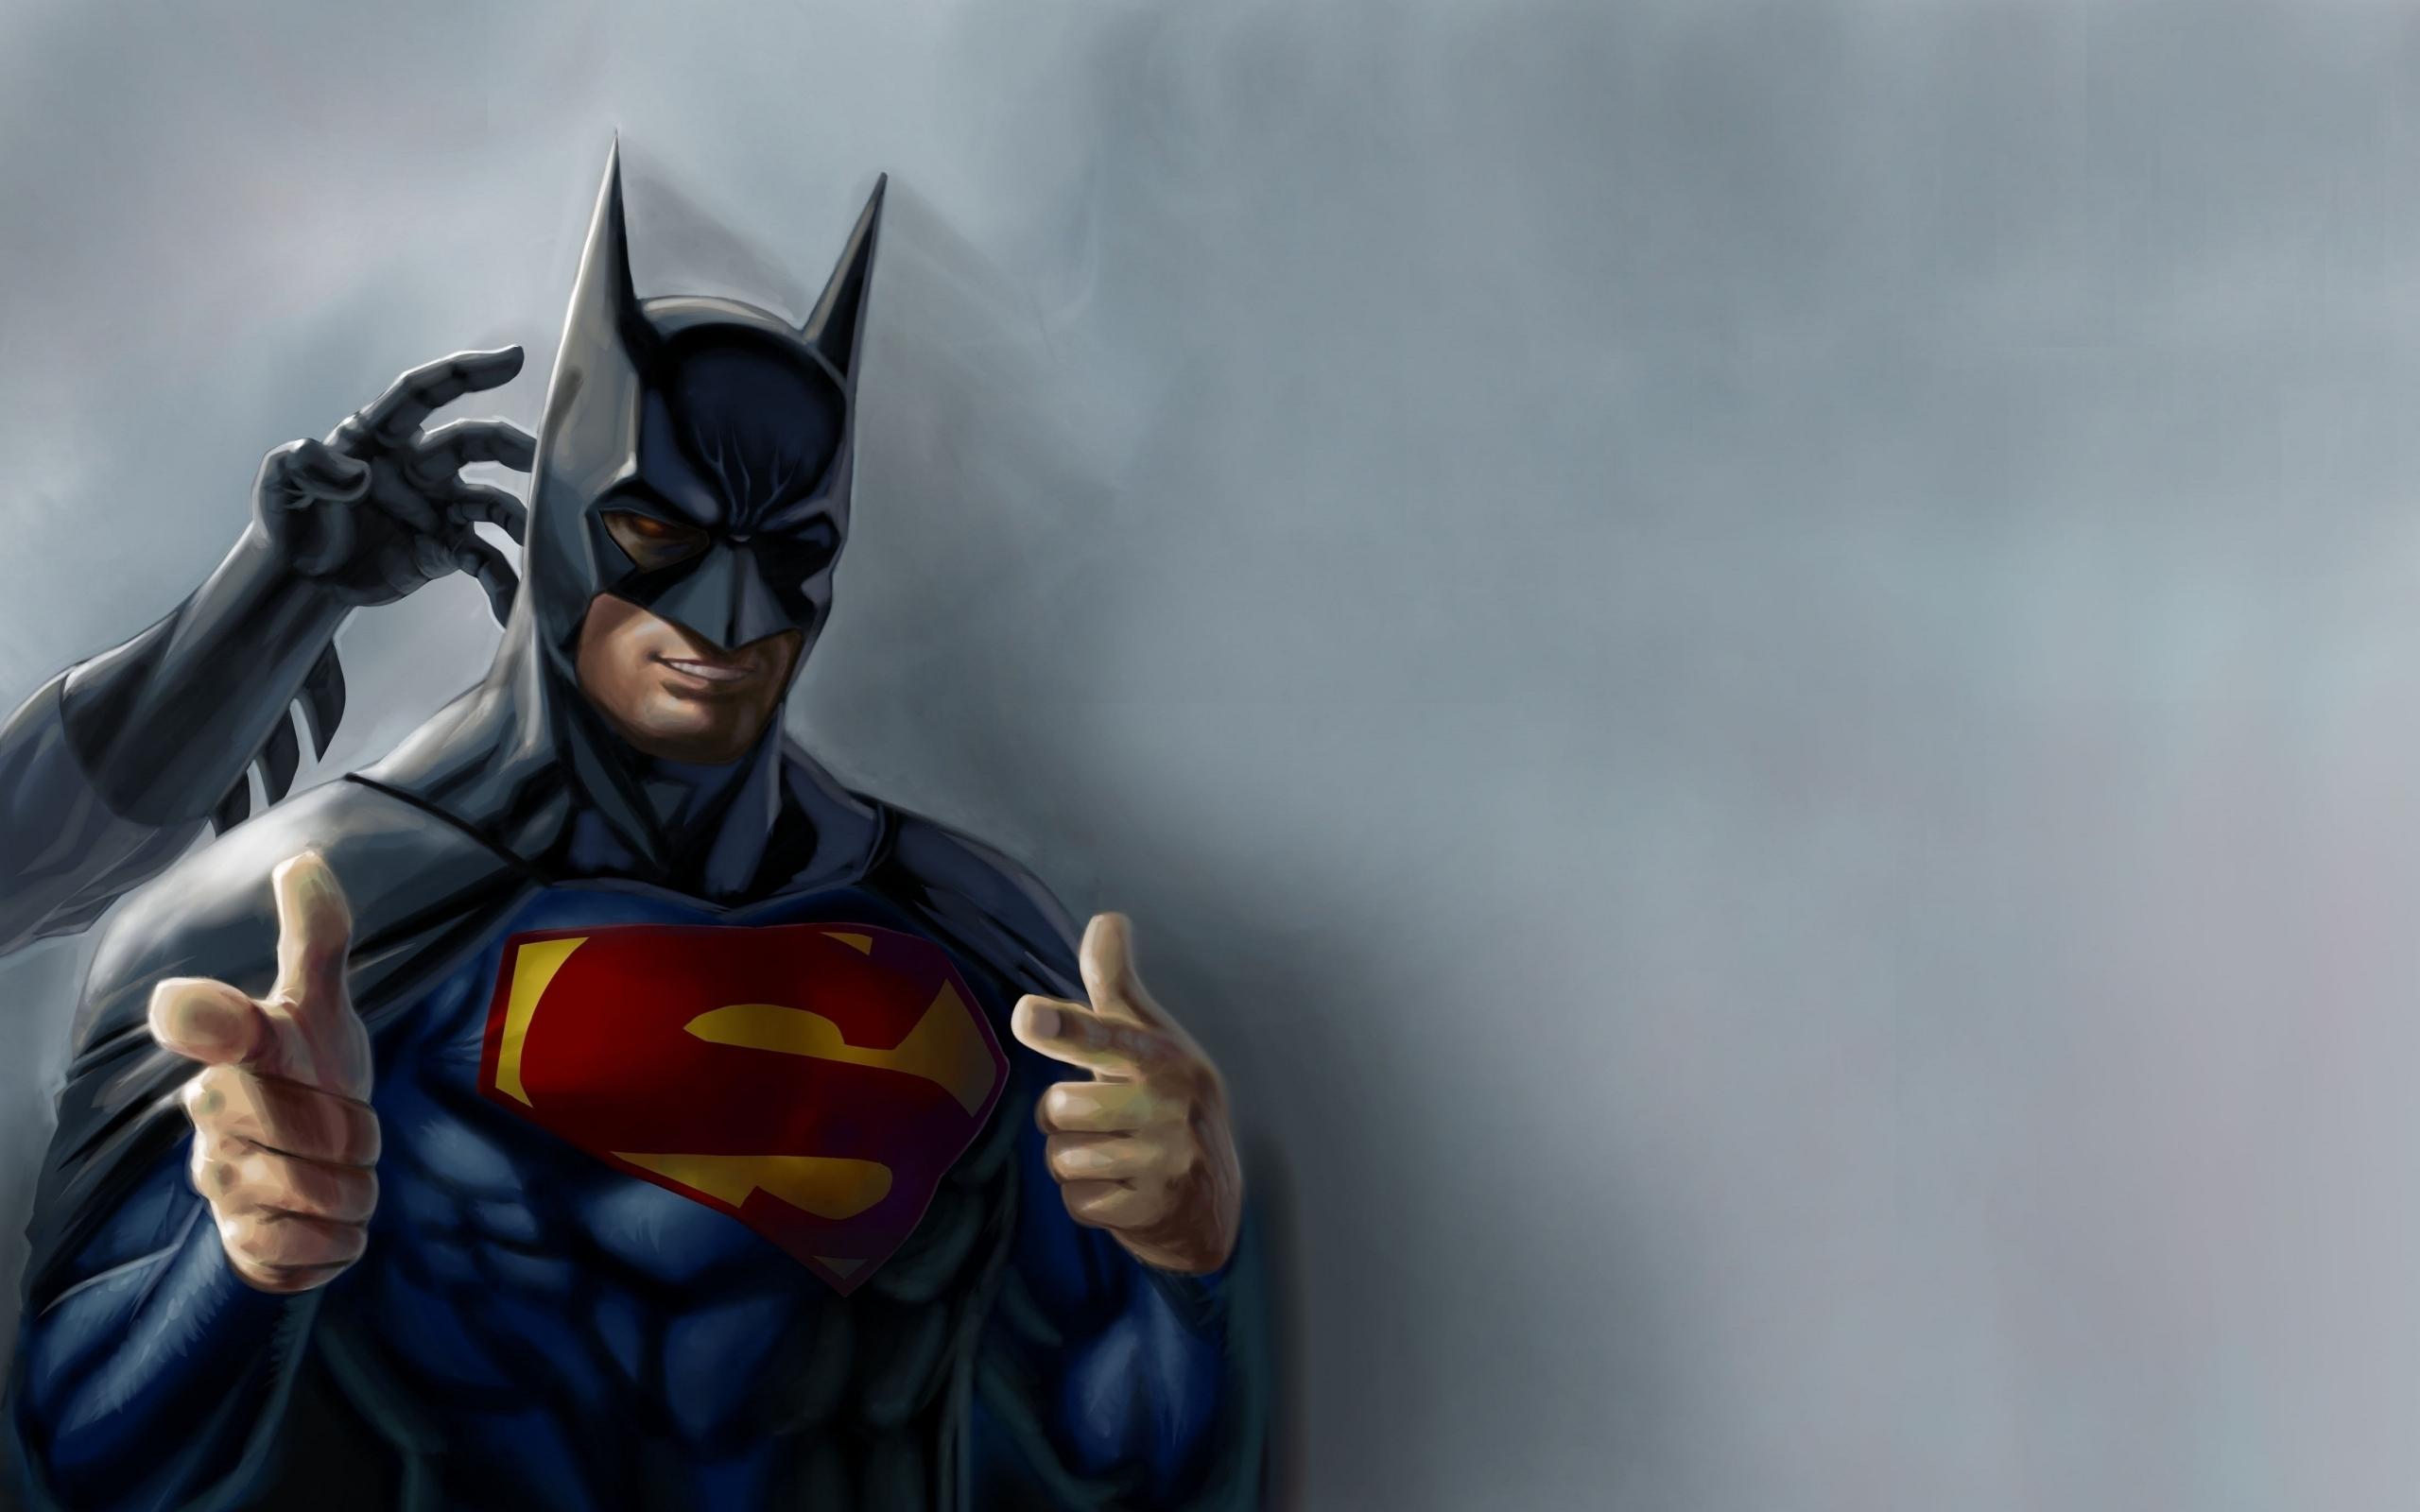 Heroes comics Batman hero supeman humor funny superhero wallpaper 2560x1600